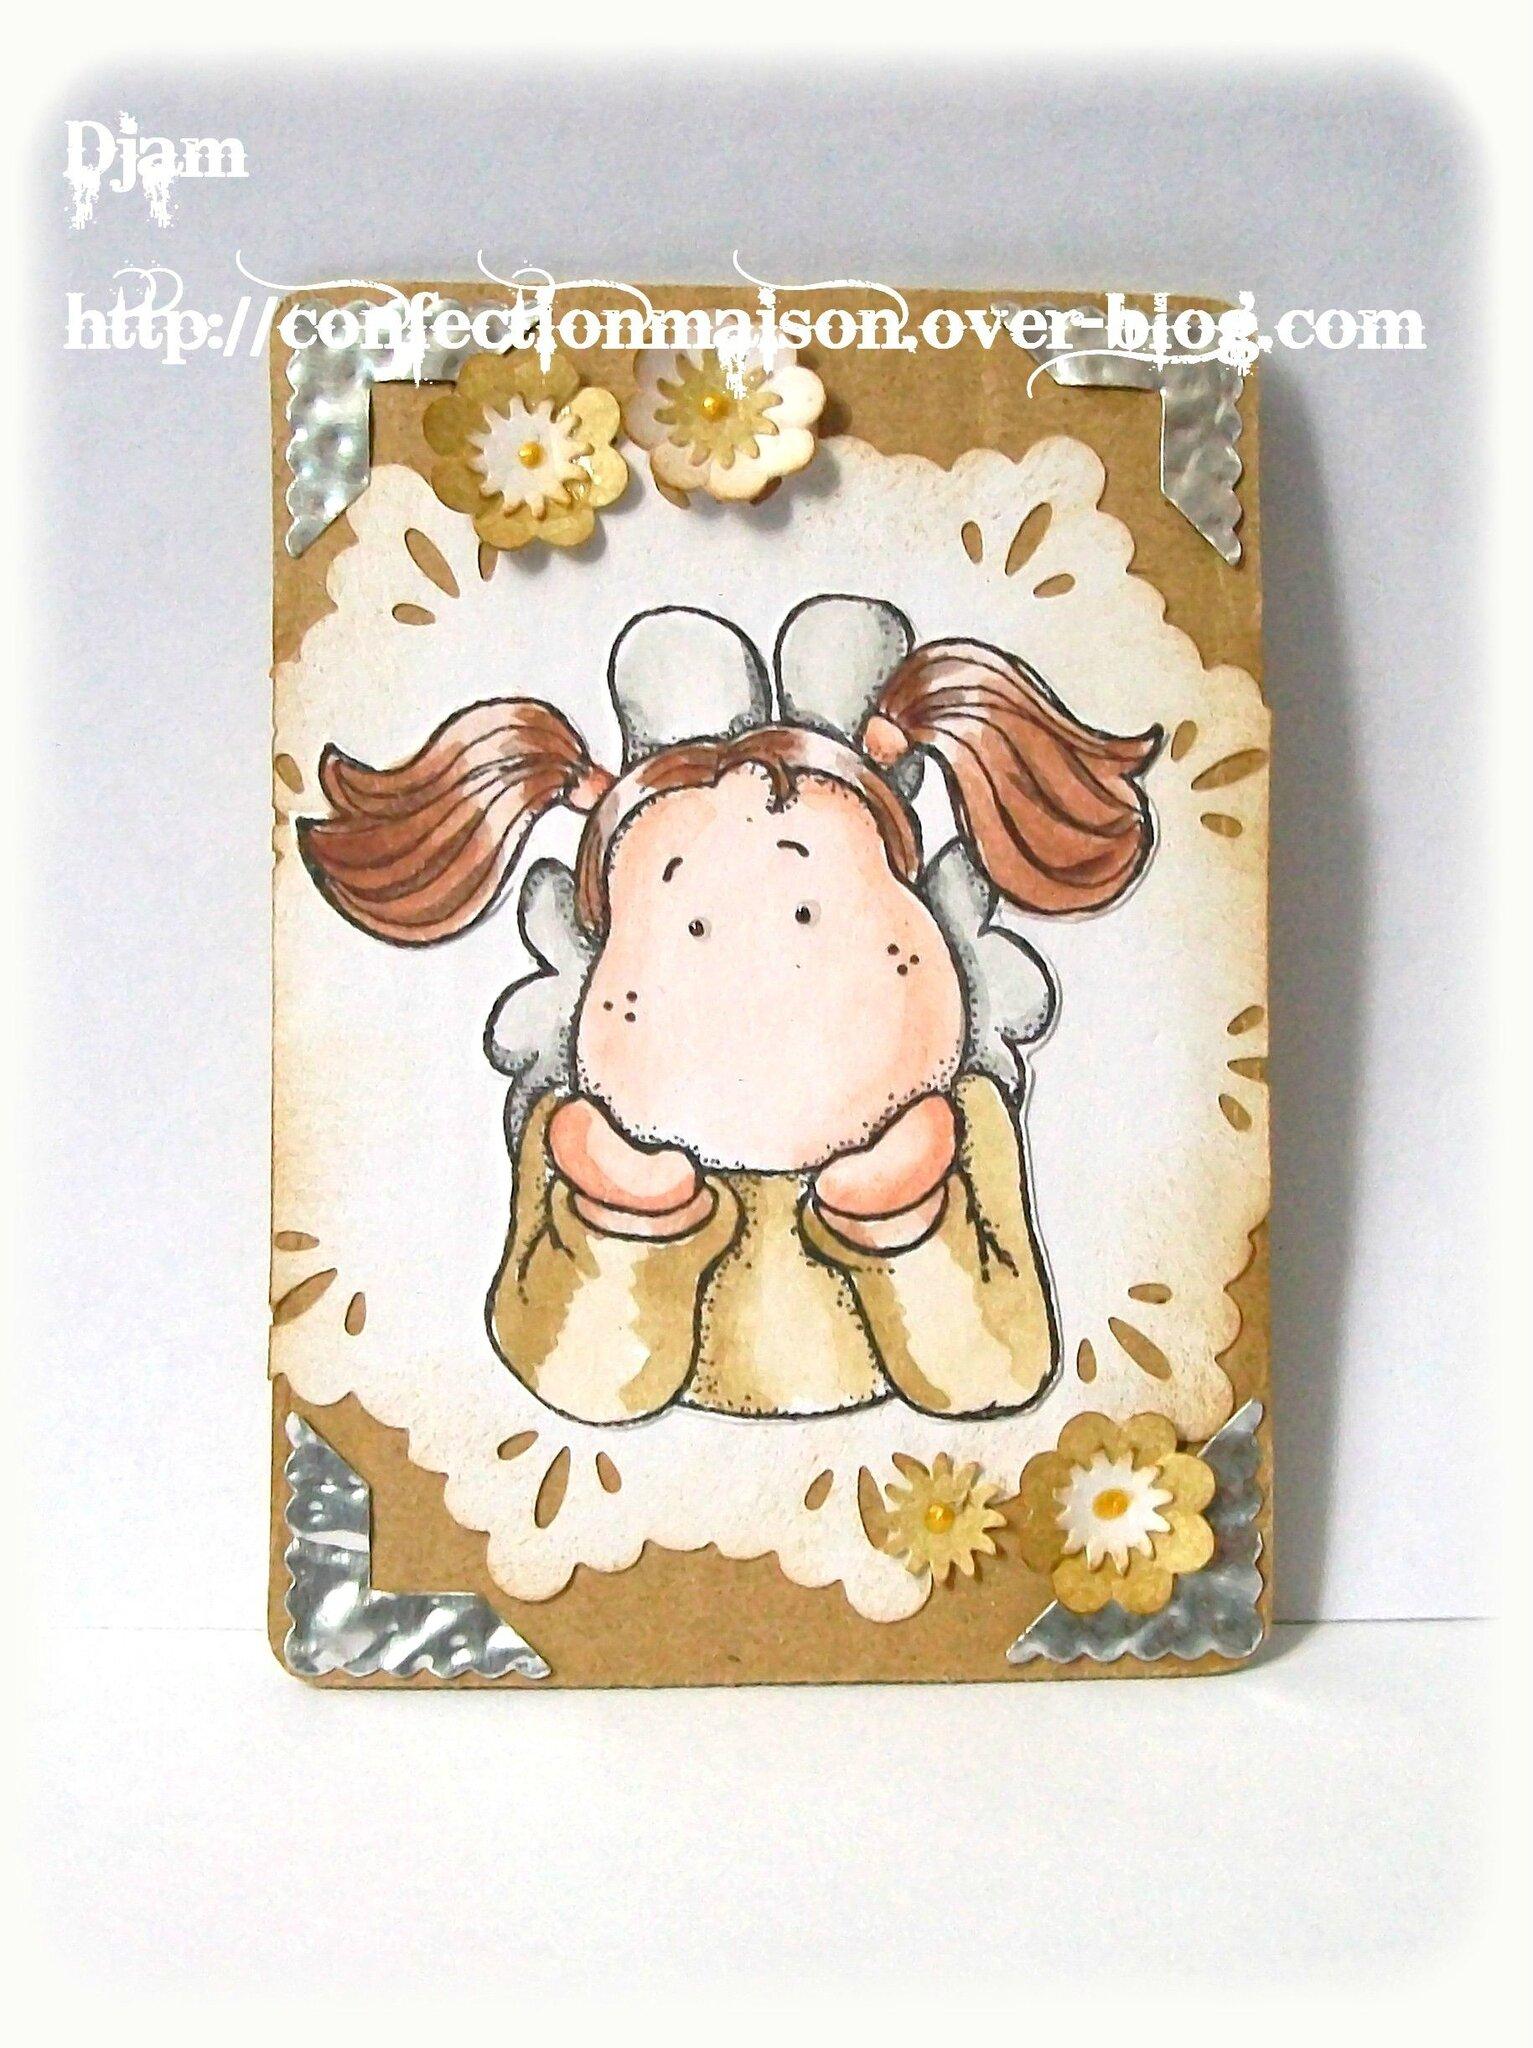 http://storage.canalblog.com/00/23/52086/76668062_o.jpg